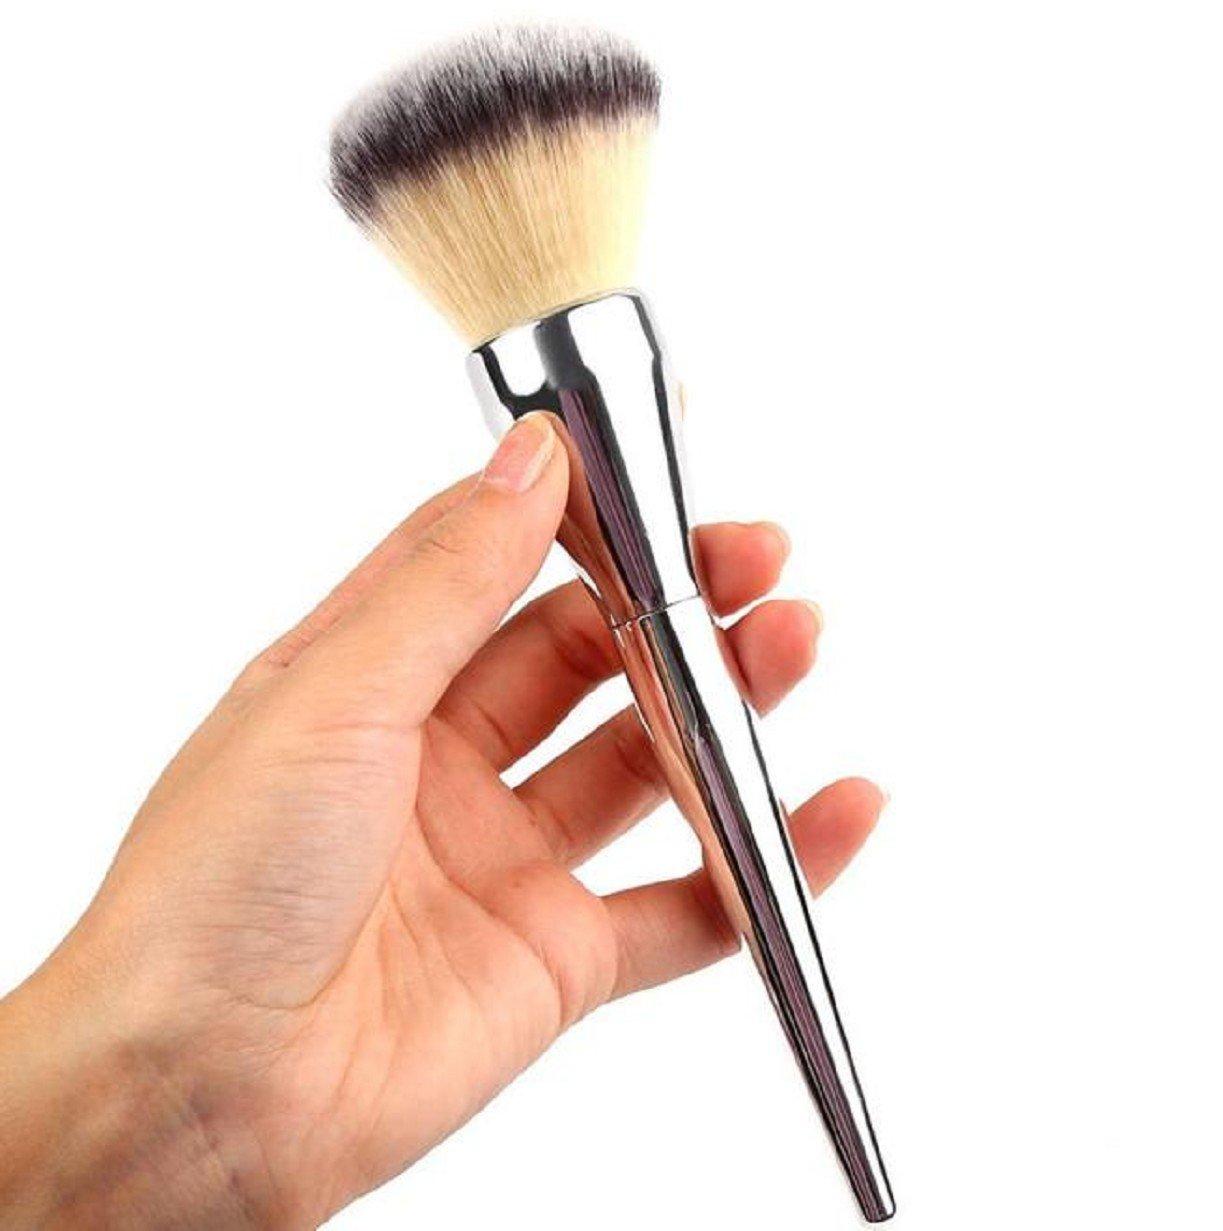 Cosmetic Brushes, Vovotrade Pro Makeup Kabuki Face Blush Brush Powder Foundation Tool